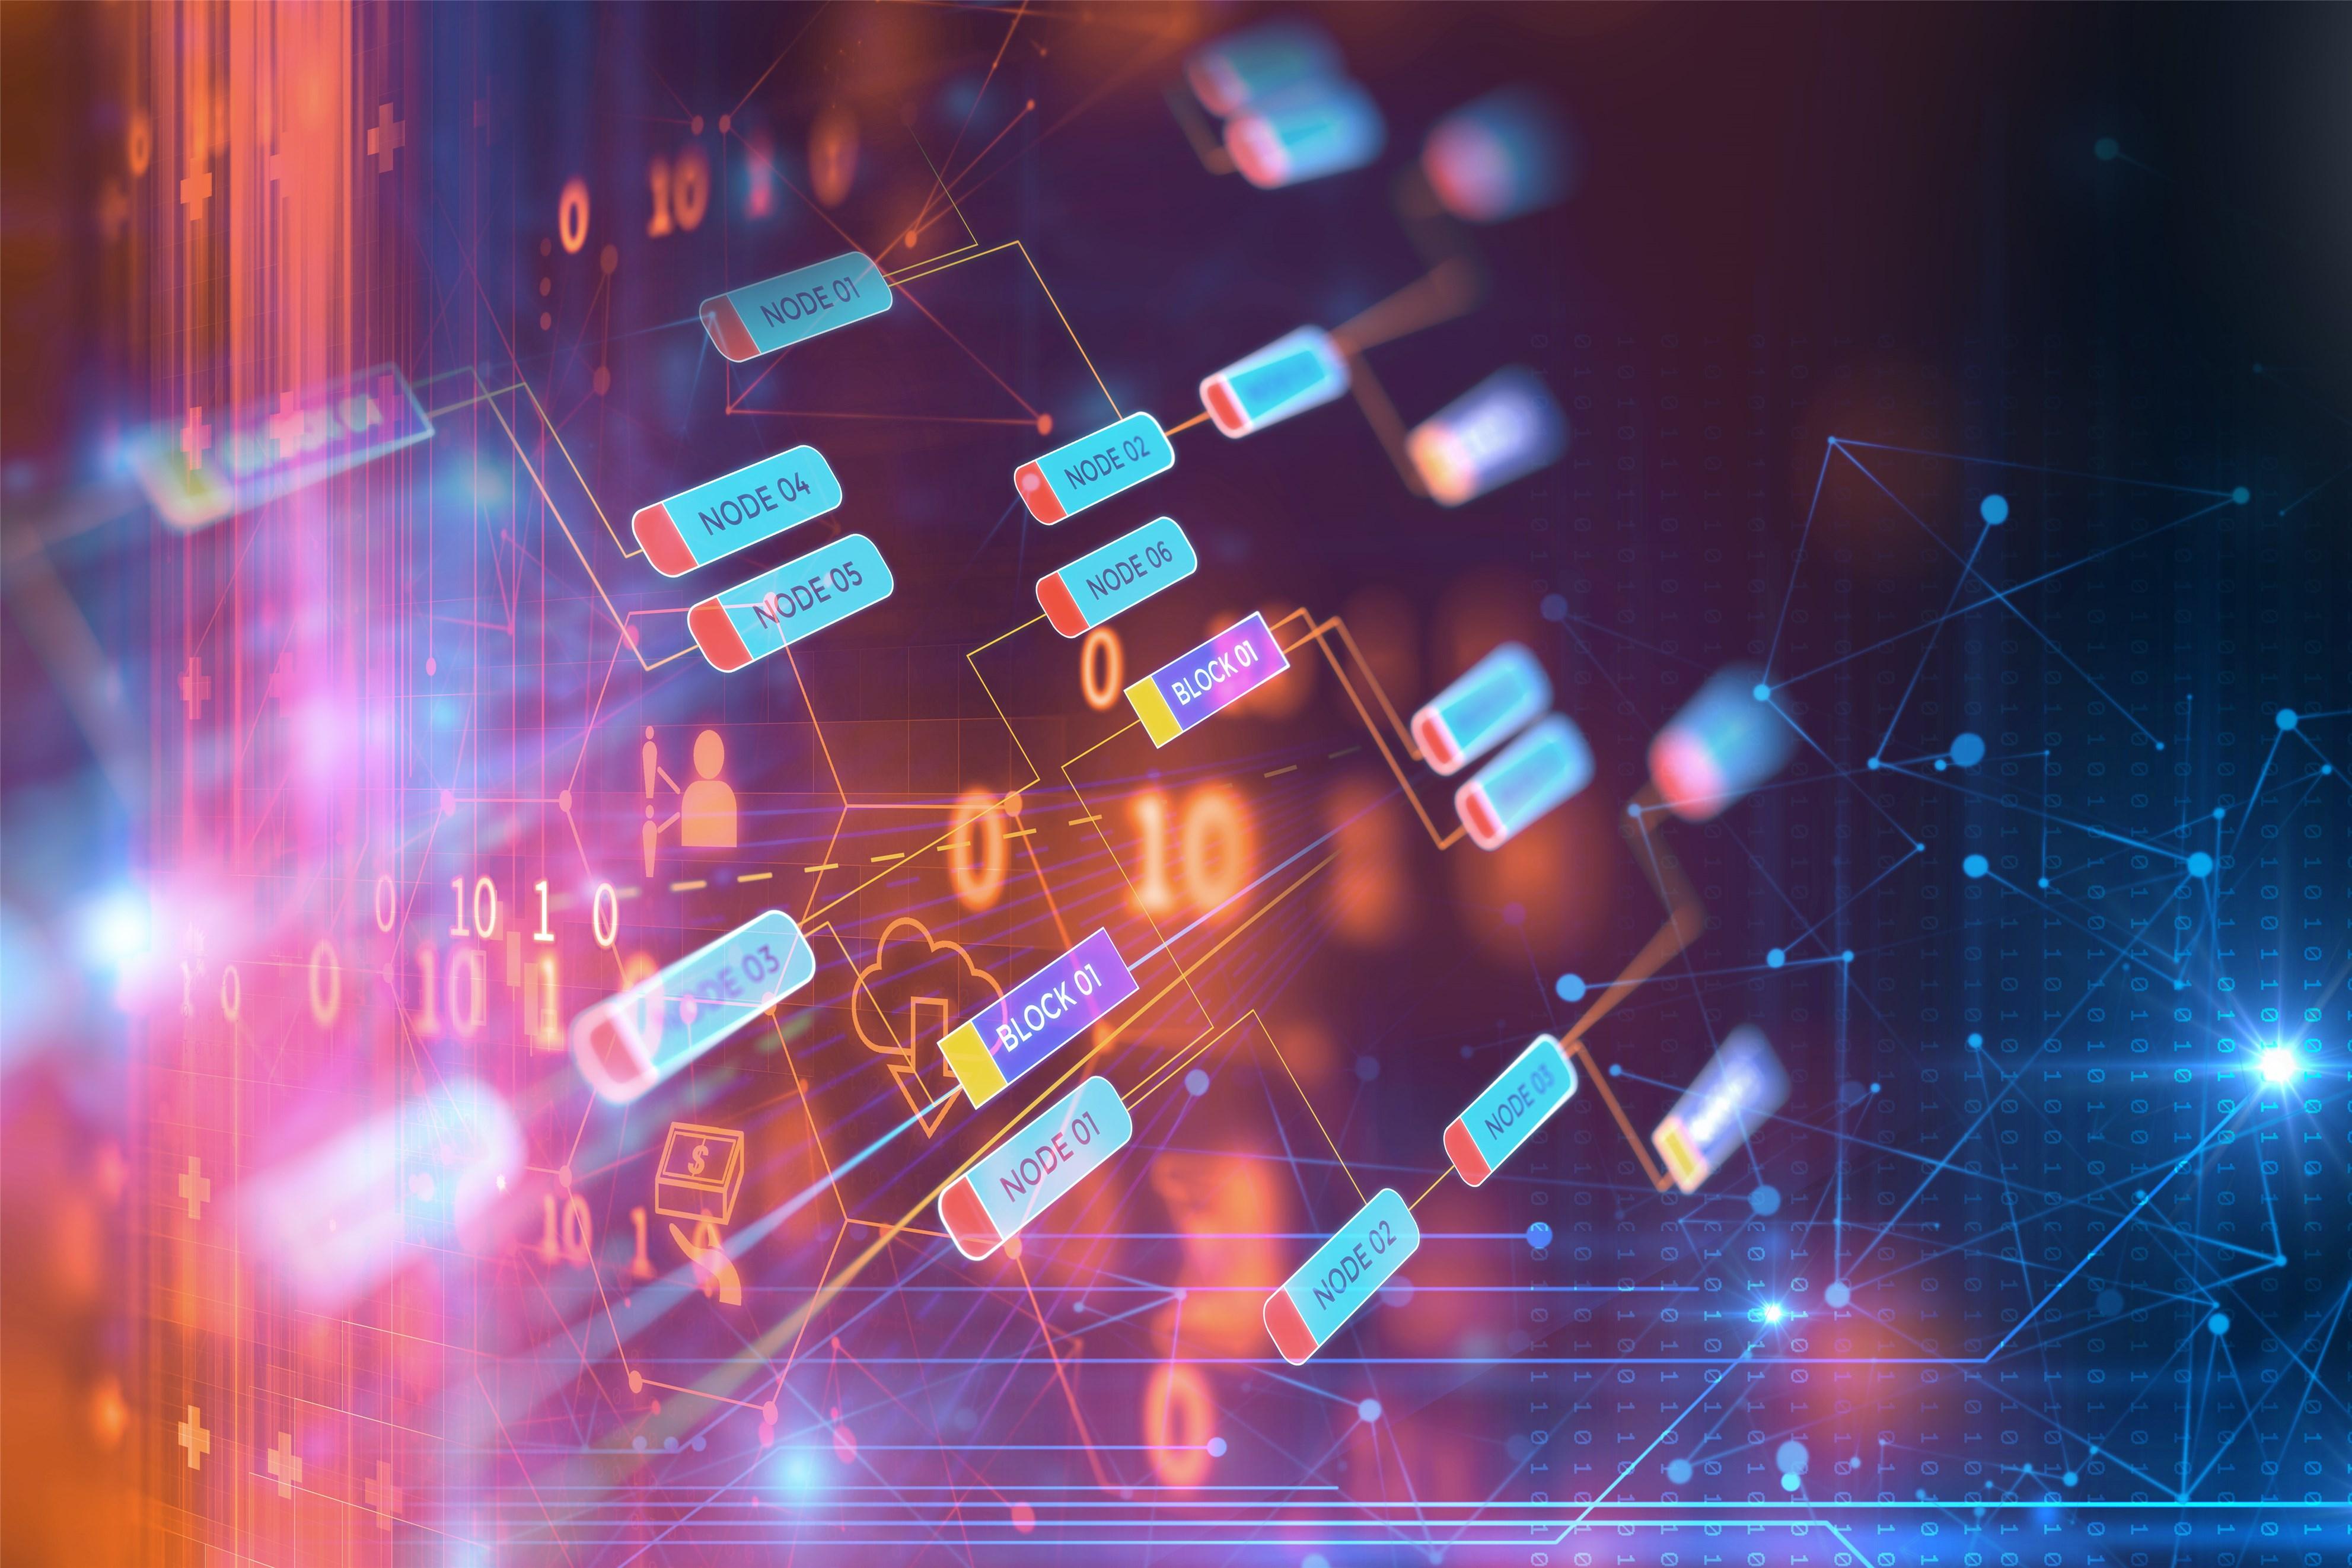 科技人员占比超50%,微众银行如何在区块链领域落实技术、应用、生态三大实践